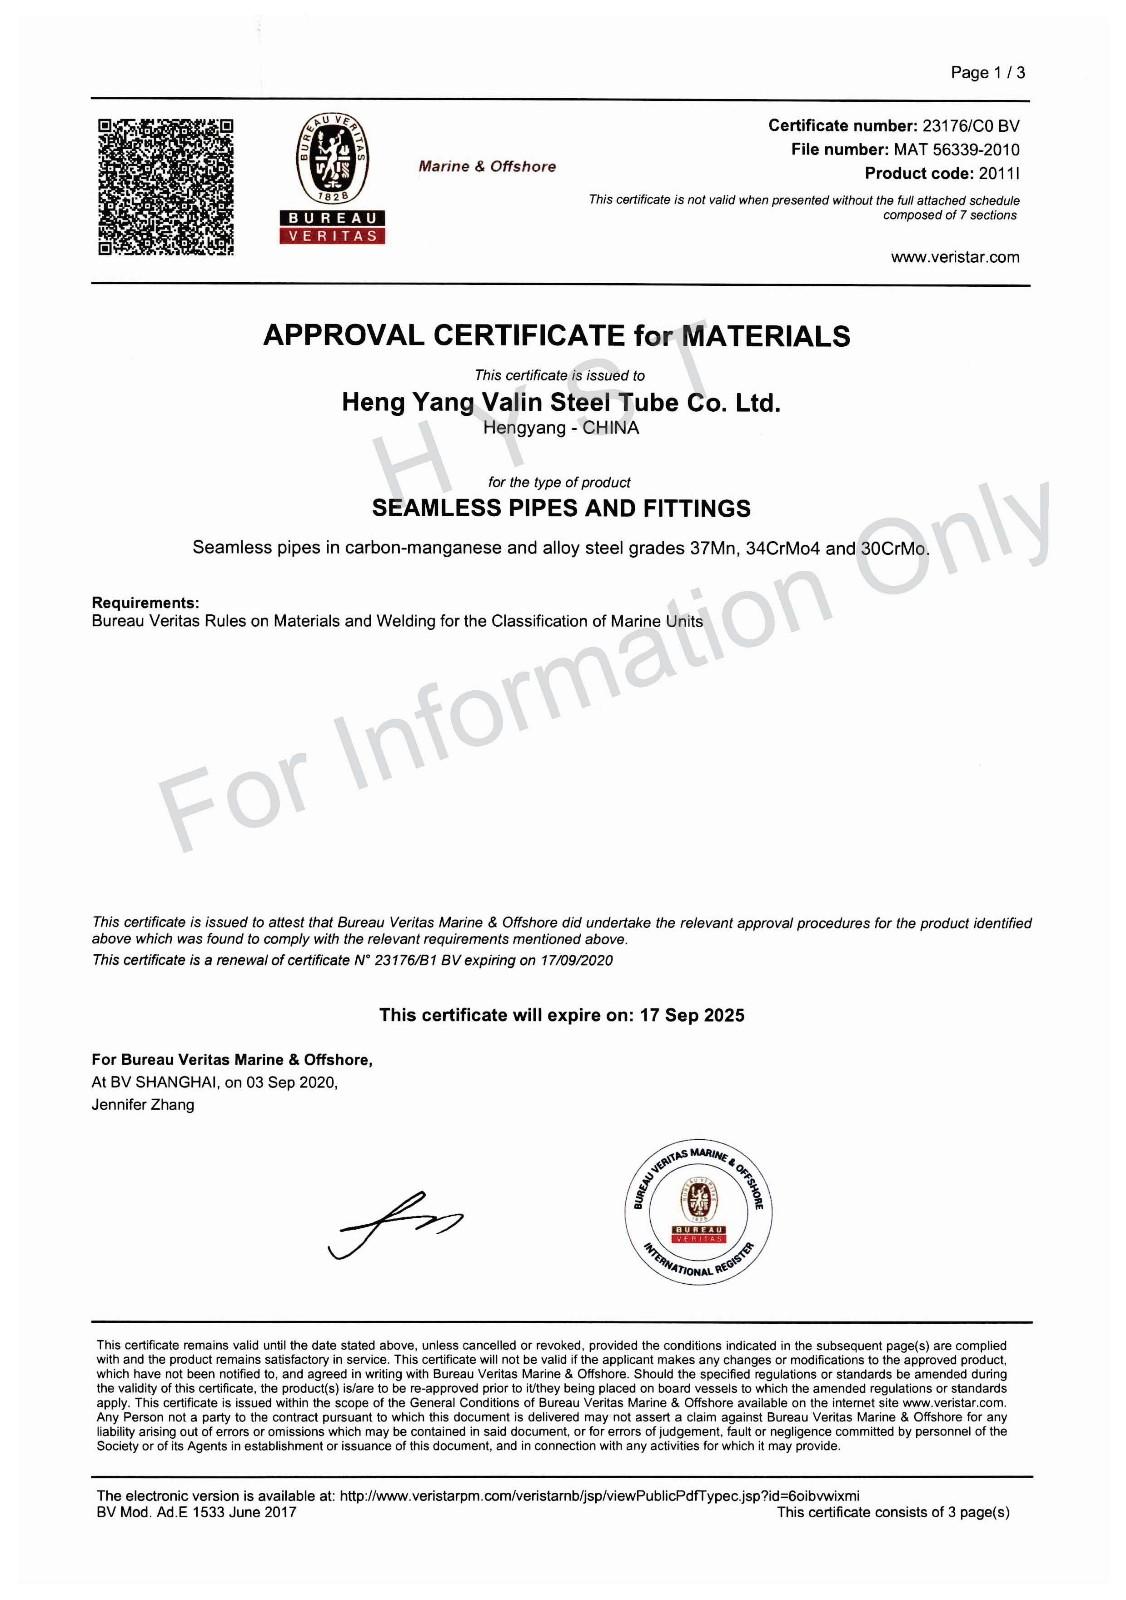 BV Certificate for 37Mn & 30CrMo & 34CrMo4